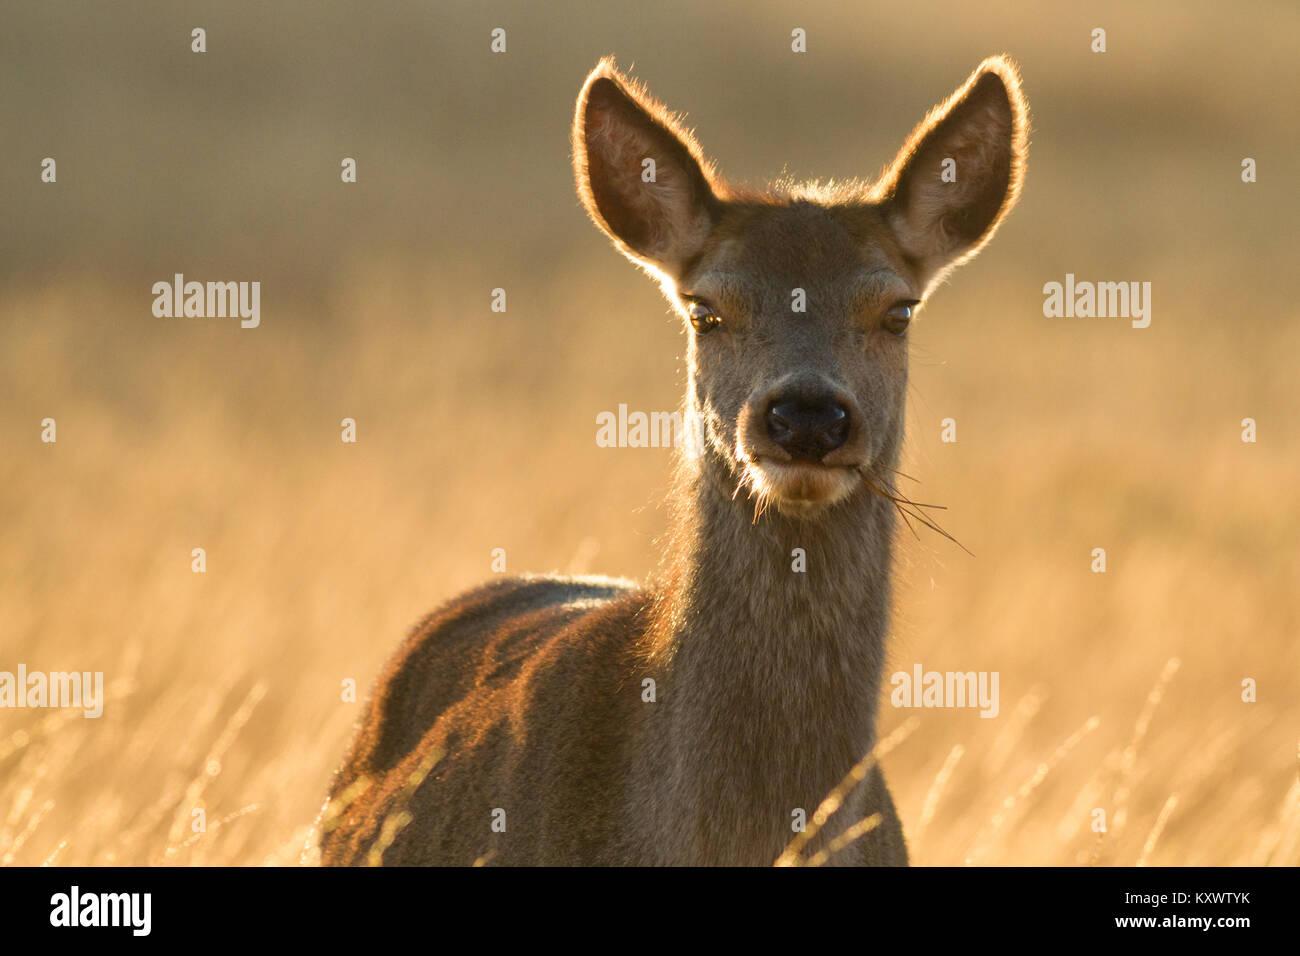 female deer photos female deer images alamy. Black Bedroom Furniture Sets. Home Design Ideas